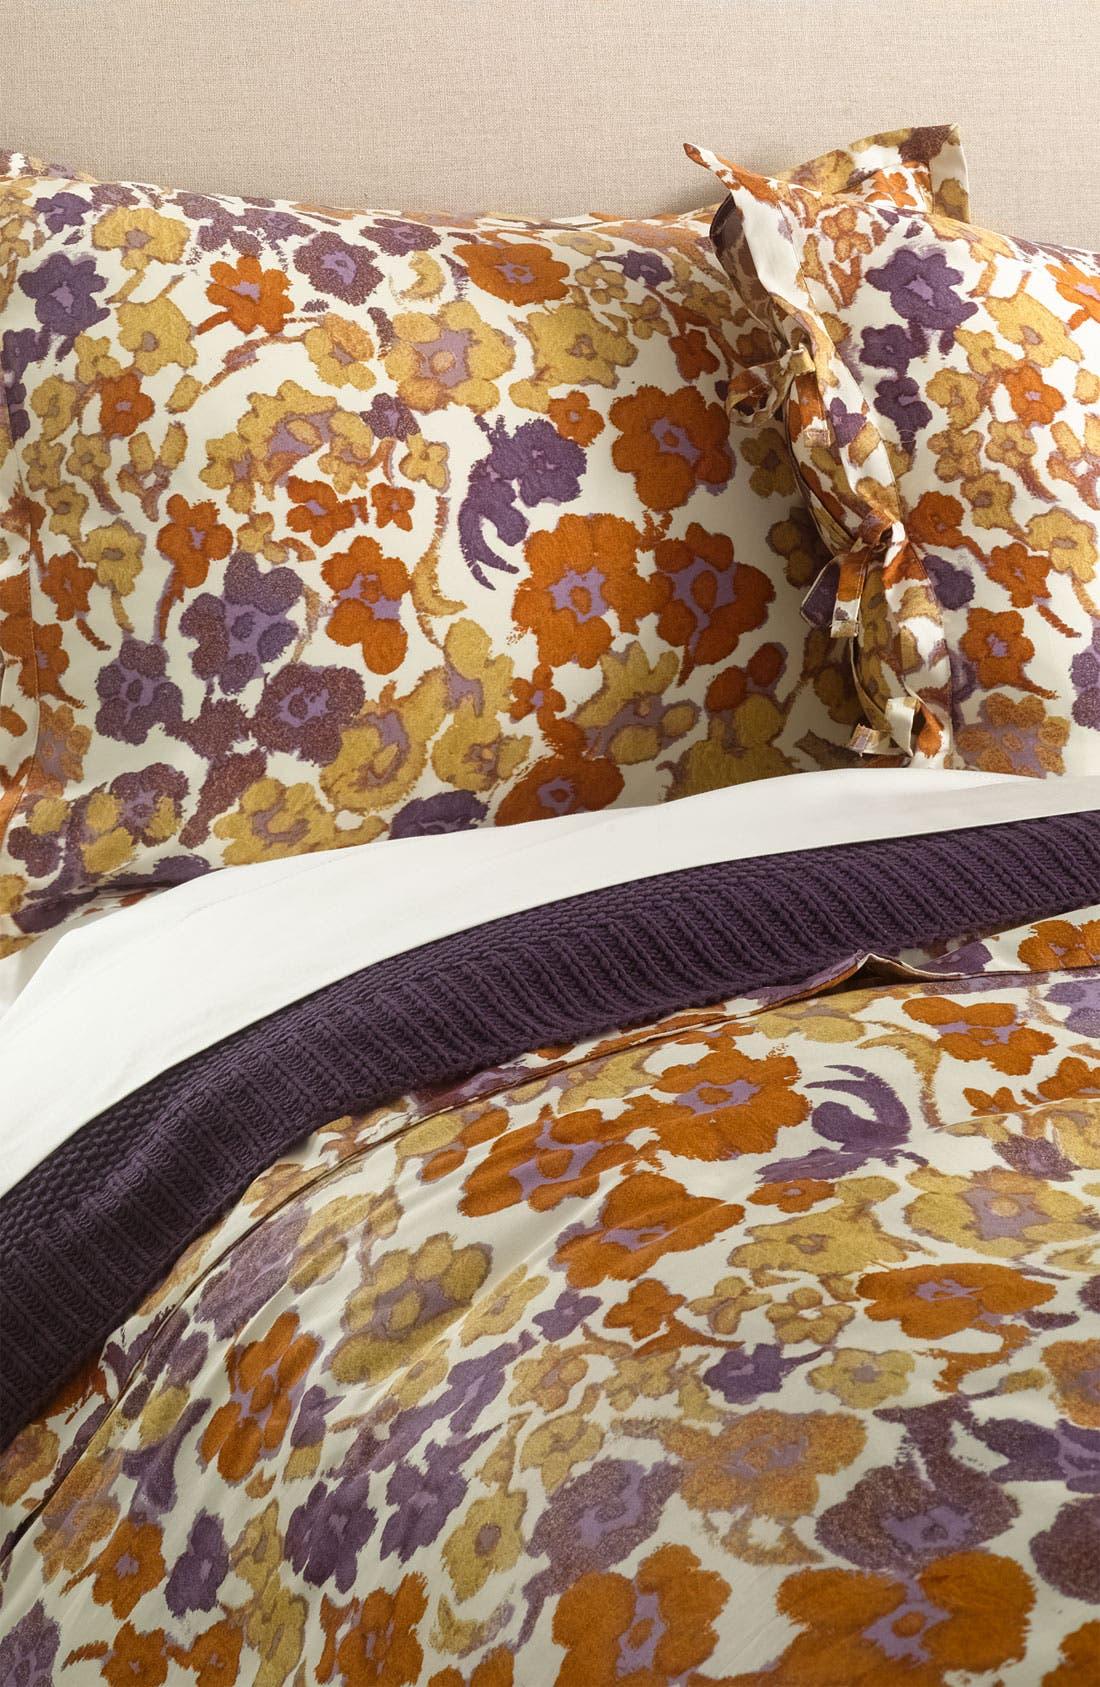 Main Image - Diane von Furstenberg 'Spanish Leopard' 300 Thread Count Sham